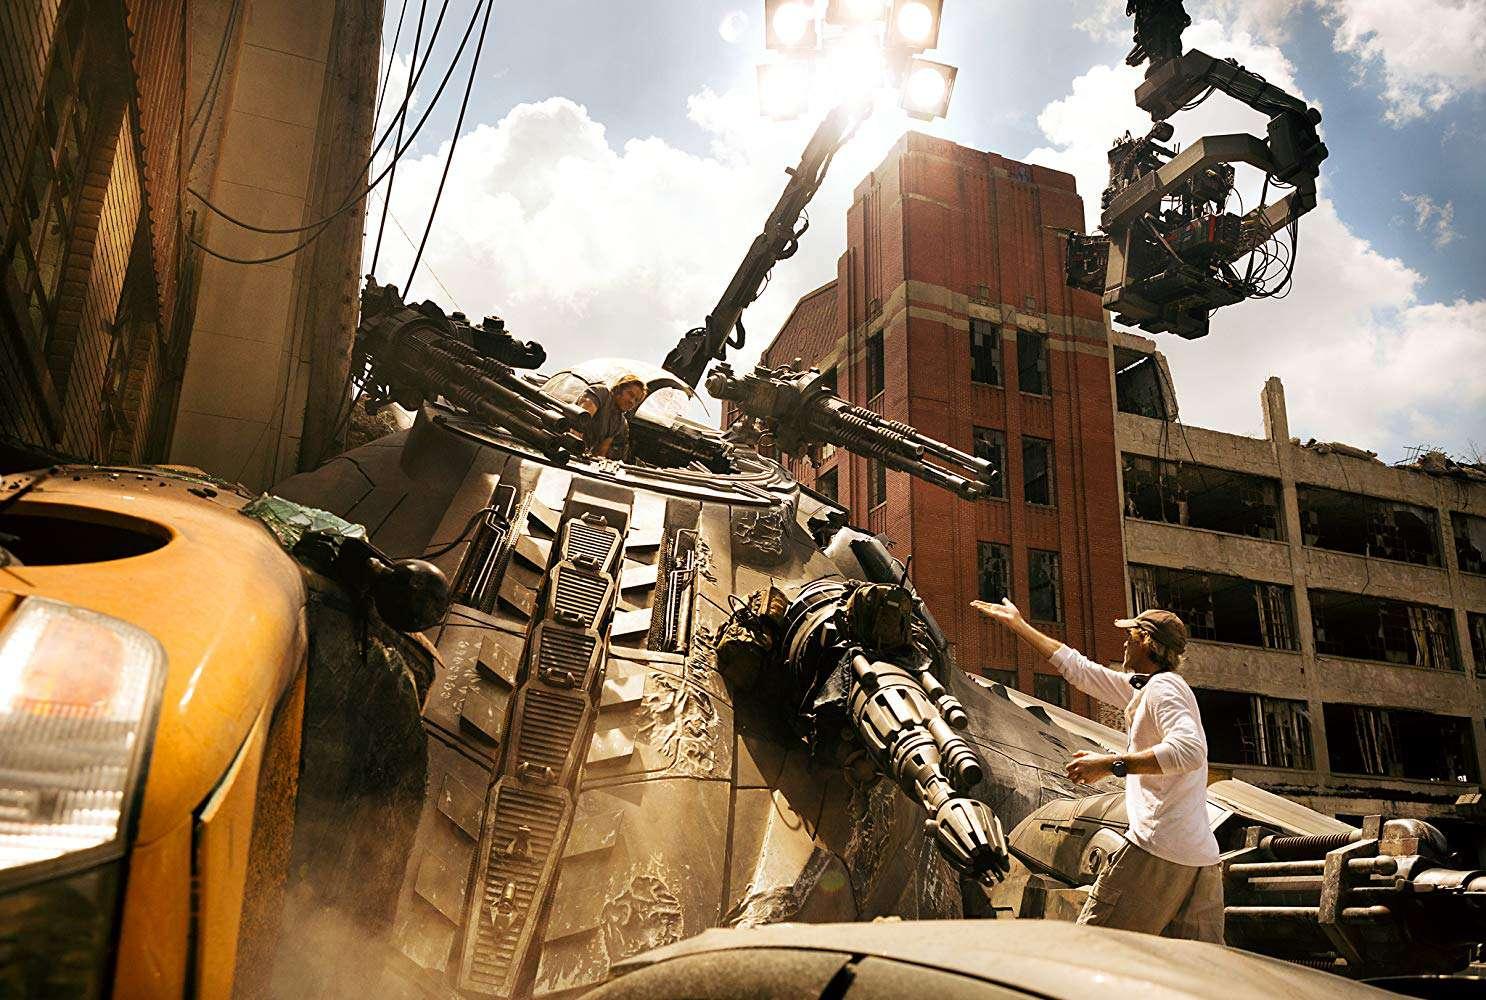 變形金剛5:最終騎士_Transformers: The Last Knight_電影劇照